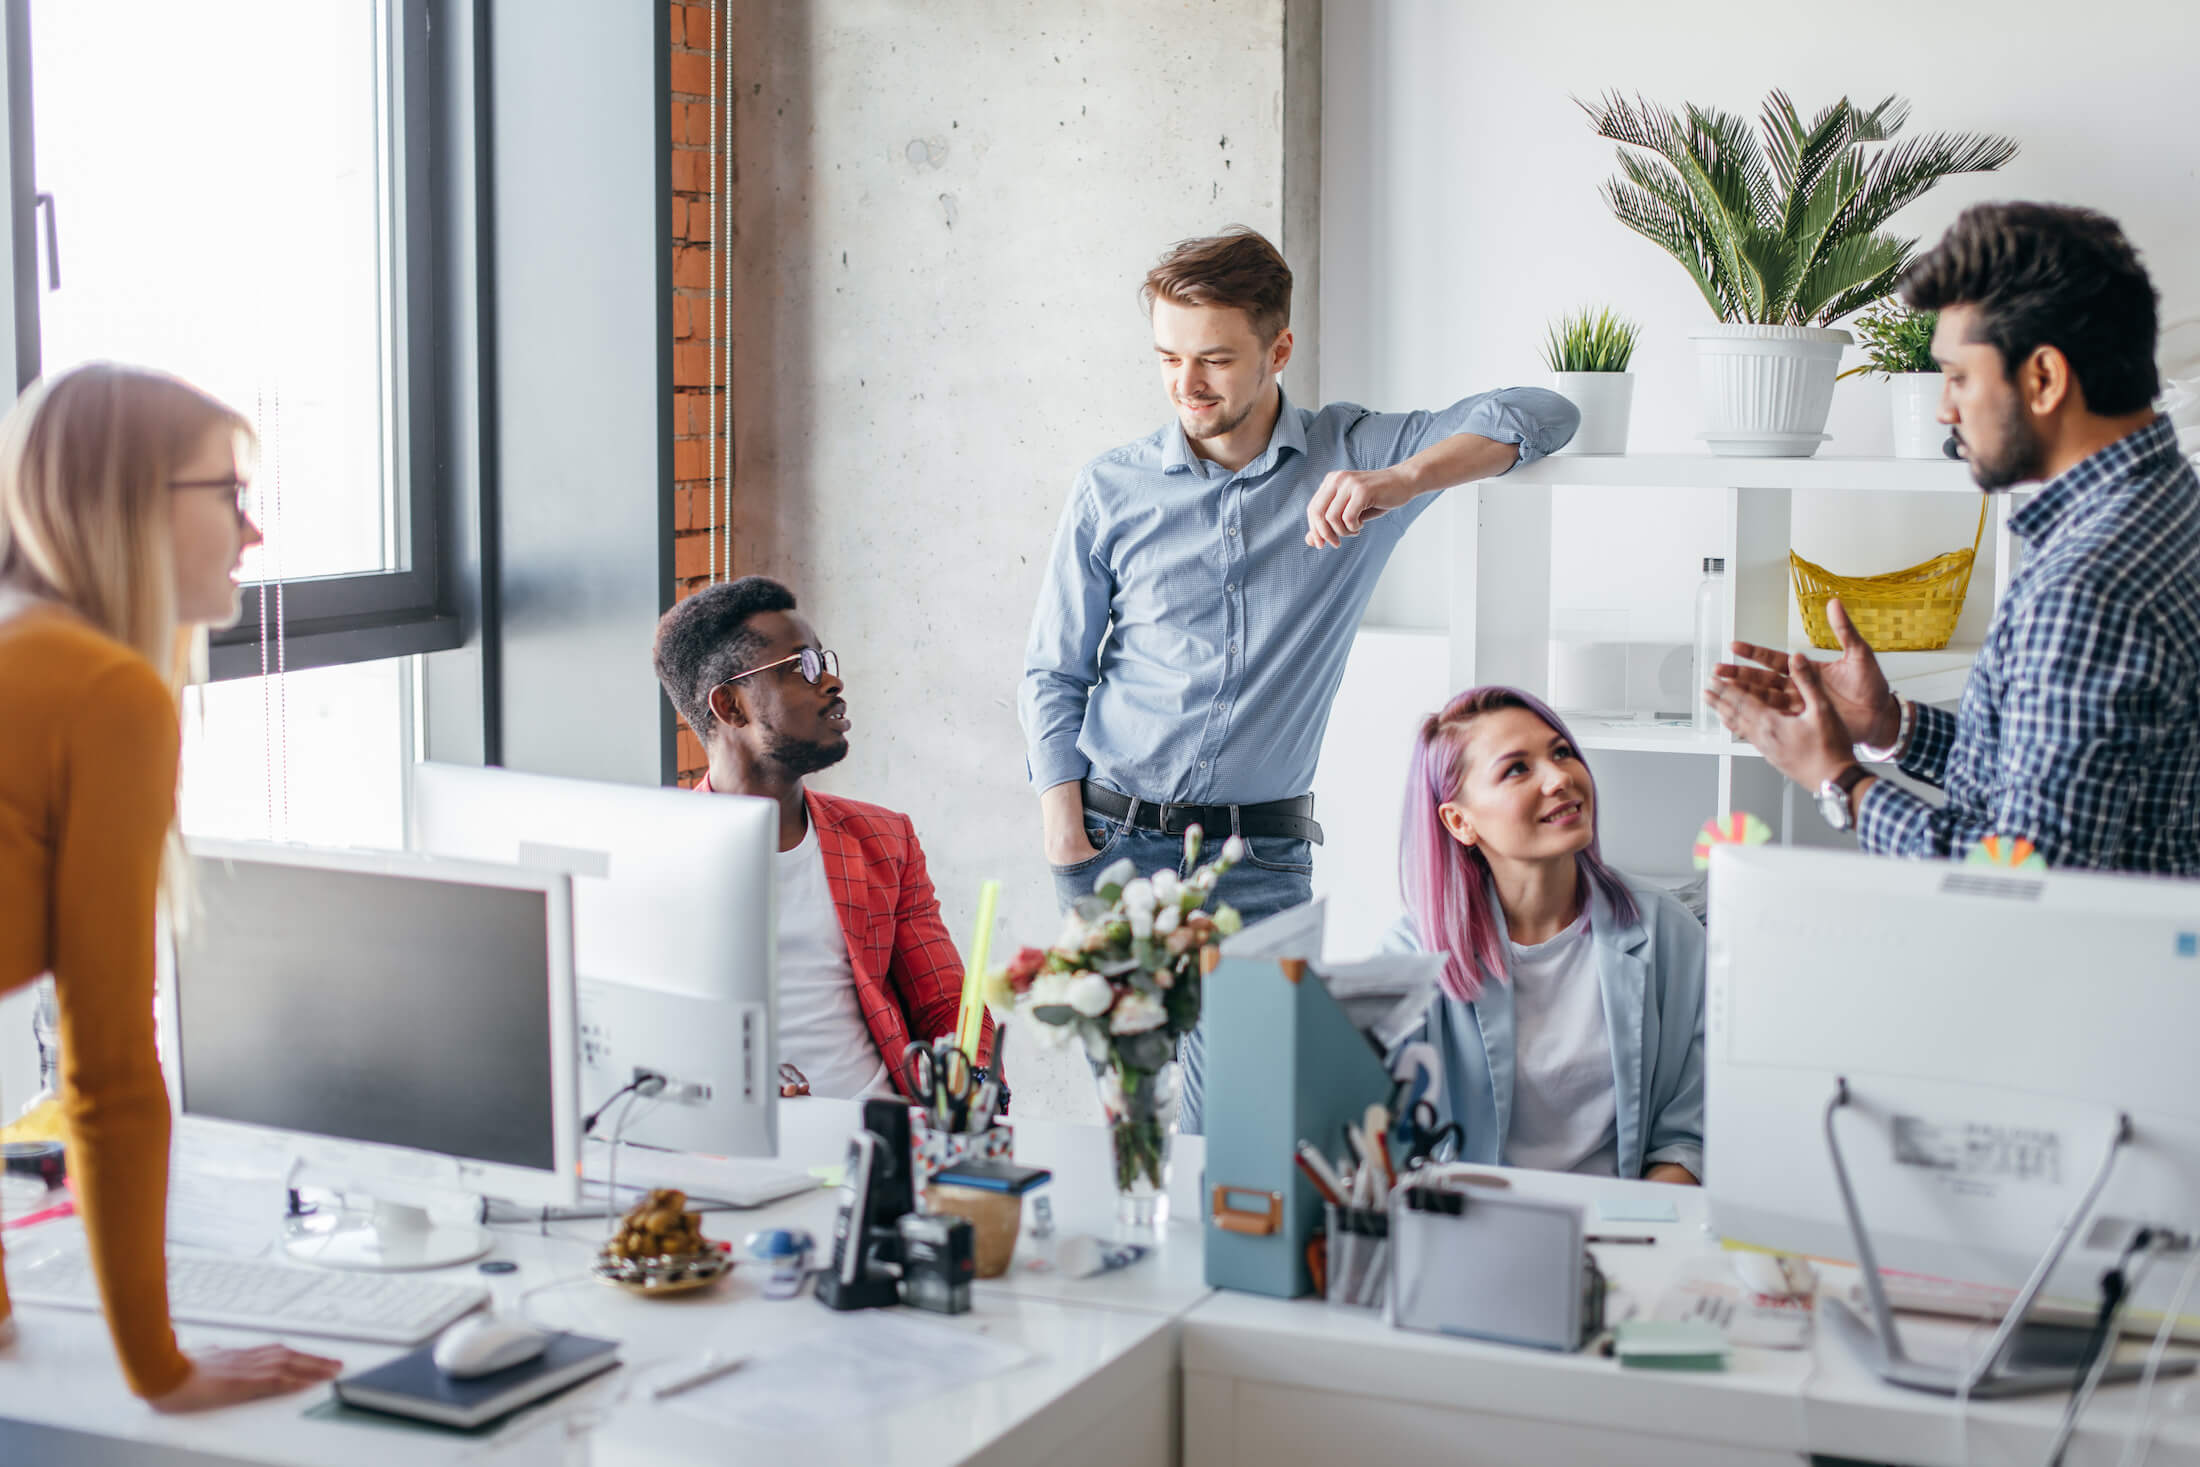 اصطلاحاتی که مدیران محصول باید با آن آشنایی داشته باشند